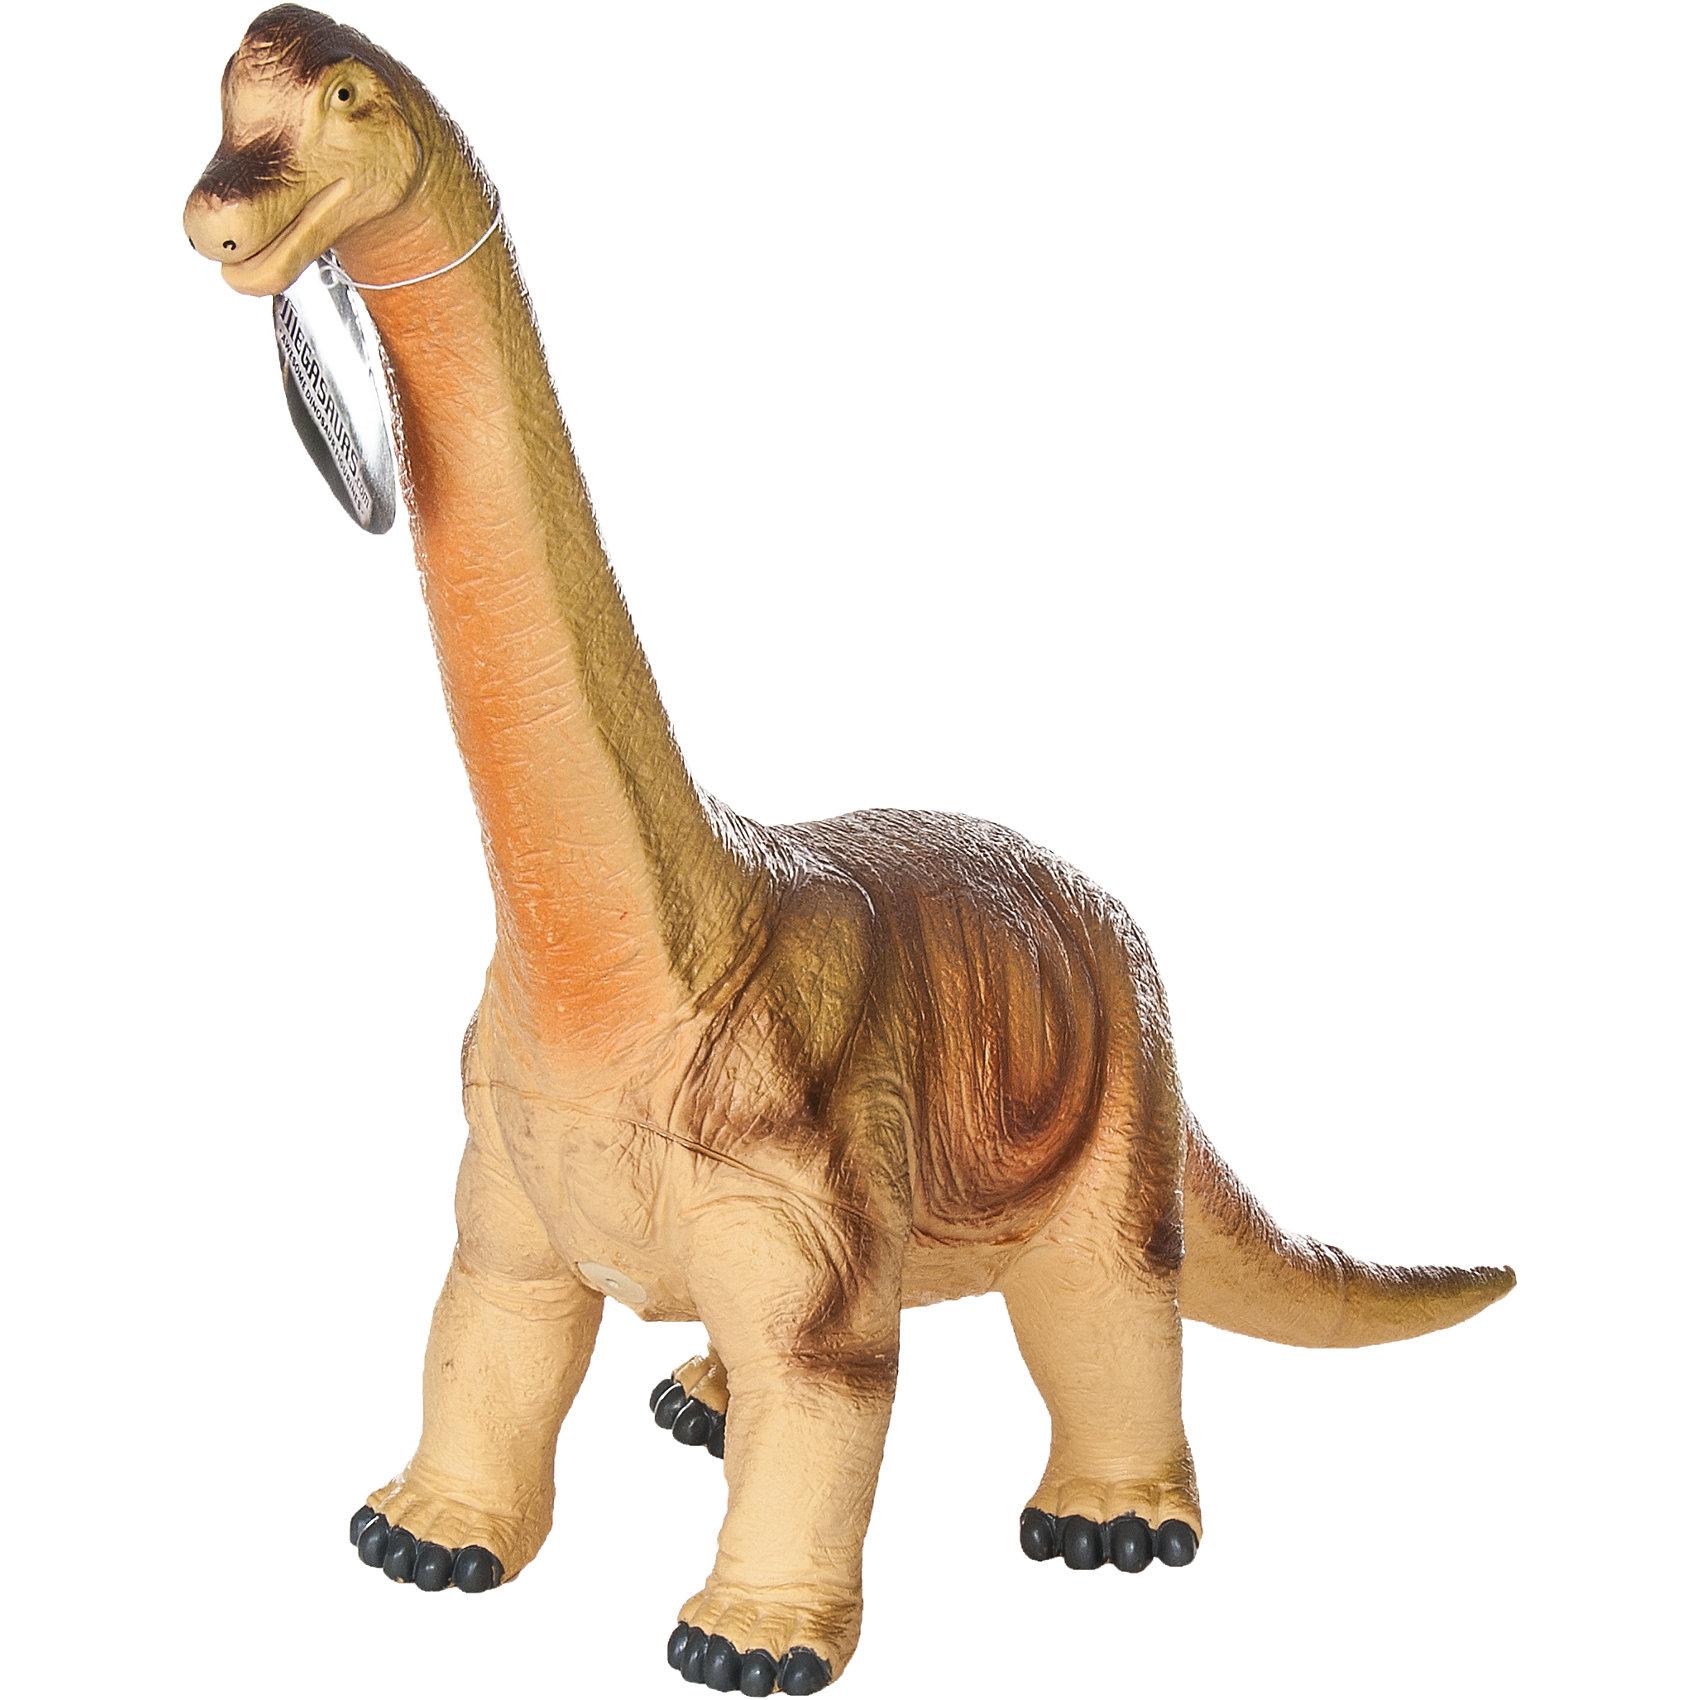 Фигурка динозавра Брахиозавр, HGLДетей всех возрастов привлекают фильмы и рассказы о доисторических временах и чудесных динозаврах, населявших Землю до возникновения человека. Подстегните фантазию юного любителя древностей - подарите ему динозавра из серии игрушек HGL. Специалисты компании создавали игрушки максимально похожими на своих прародителей, поэтому динозавры HGL такие интересные. Брахиозавр - фигурка огромного доисторического ящера, чем-то напоминающего современного жирафа. Он достигал 23 метров в длину и 12 метров в высоту. Такому гиганту требовалось 1500 кг еды в день! Благодаря огромной шее Брахиозавр мог доставать листья даже с очень высоких деревьев. Брахиозавр был одним из самых больших динозавров, населявших Землю более 140 миллионов лет тому назад. Ни одна история об эре динозавров невозможна без этого необычного динозавра. Ребенок будет в восторге от такого замечательного подарка. Массивный динозавр сделан из мягкого ПВХ безопасного для ребенка. Внушительные размеры и отличная детализация Брахиозавра помогут ребенку окунуться в далекий и такой манящий доисторический мир, полный приключений.<br><br>Дополнительная информация:<br><br>- Внешний вид фигурки основан на реальных данных палеонтологов;<br>- Материал: ПВХ;<br>- Размер фигурки: 40 см;<br>- Размер упаковки: 45 х 33 х 15 см;<br>- Вес: 750 г<br><br>Фигурку динозавра Брахиозавр, HGL можно купить в нашем интернет-магазине.<br><br>Ширина мм: 450<br>Глубина мм: 330<br>Высота мм: 150<br>Вес г: 750<br>Возраст от месяцев: 36<br>Возраст до месяцев: 192<br>Пол: Унисекс<br>Возраст: Детский<br>SKU: 4135946